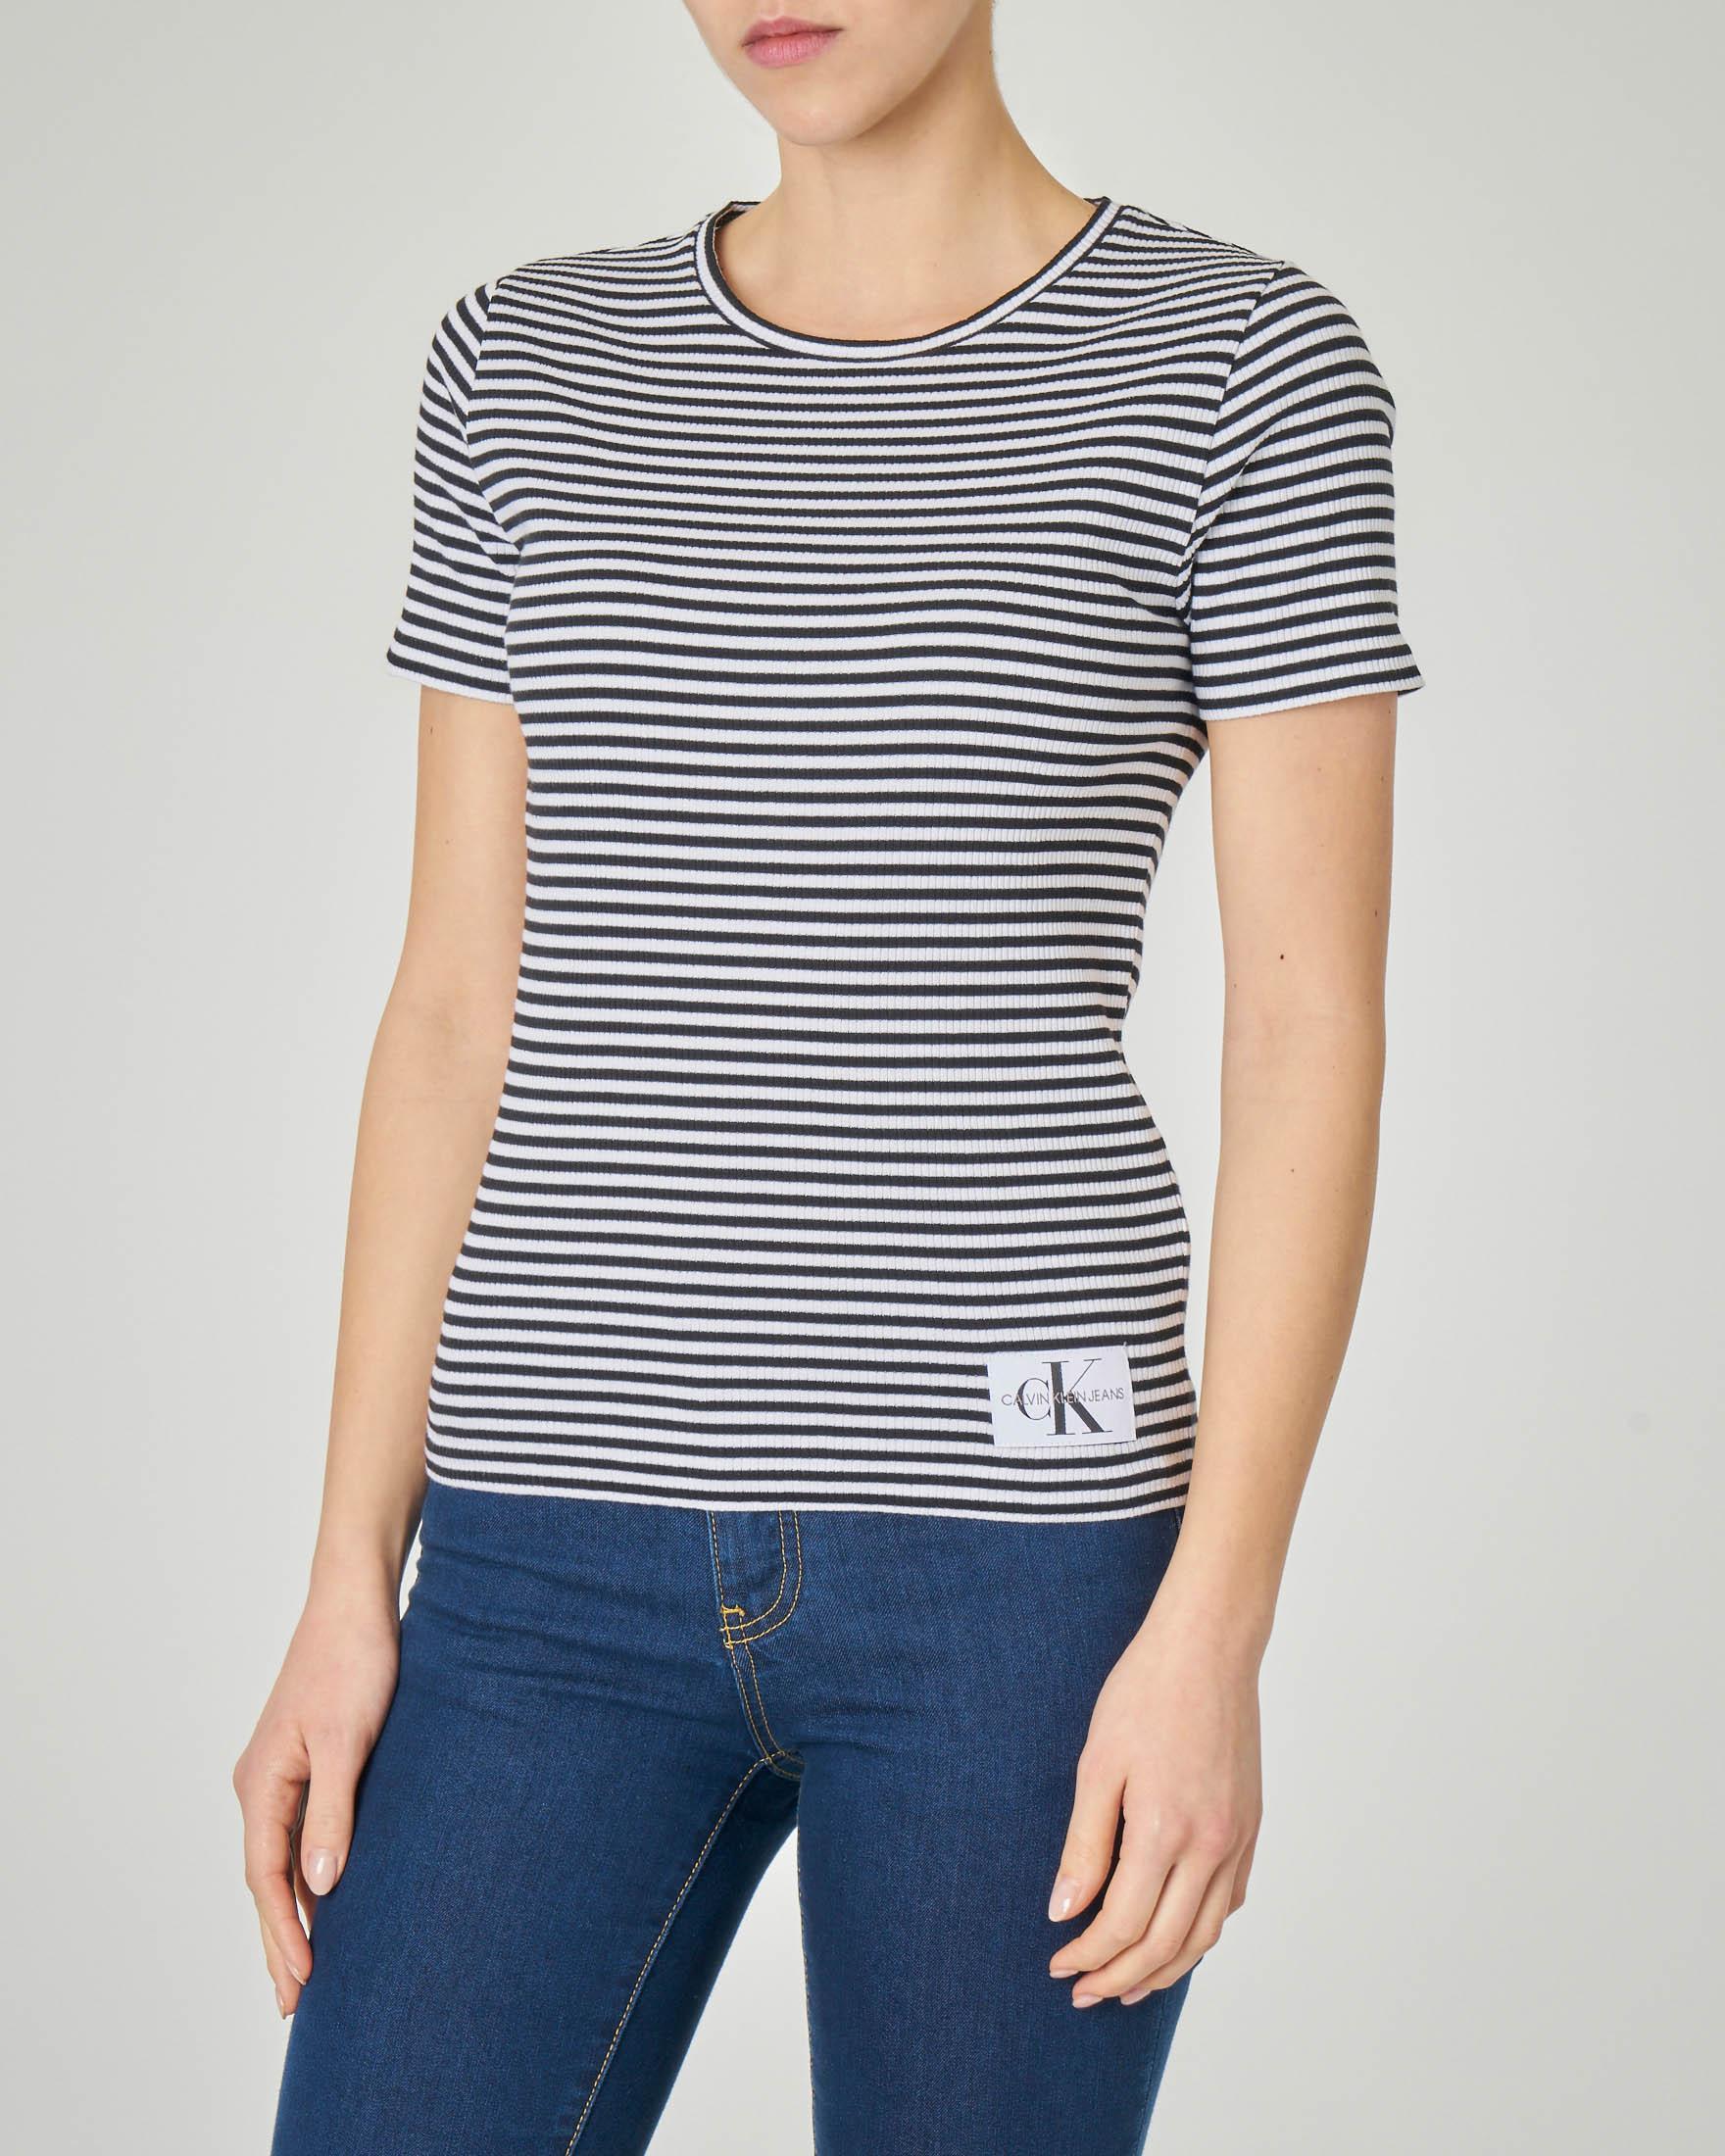 T-shirt maniche corte in cotone a righe bianche e nere